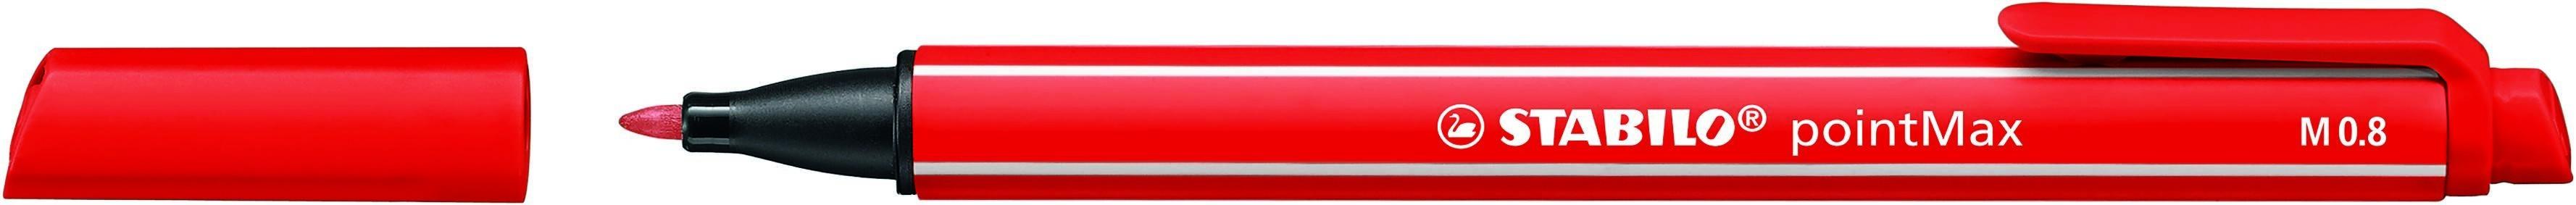 STABILO pointMax - Feutre d'écriture - pointe moyenne - rouge carmin